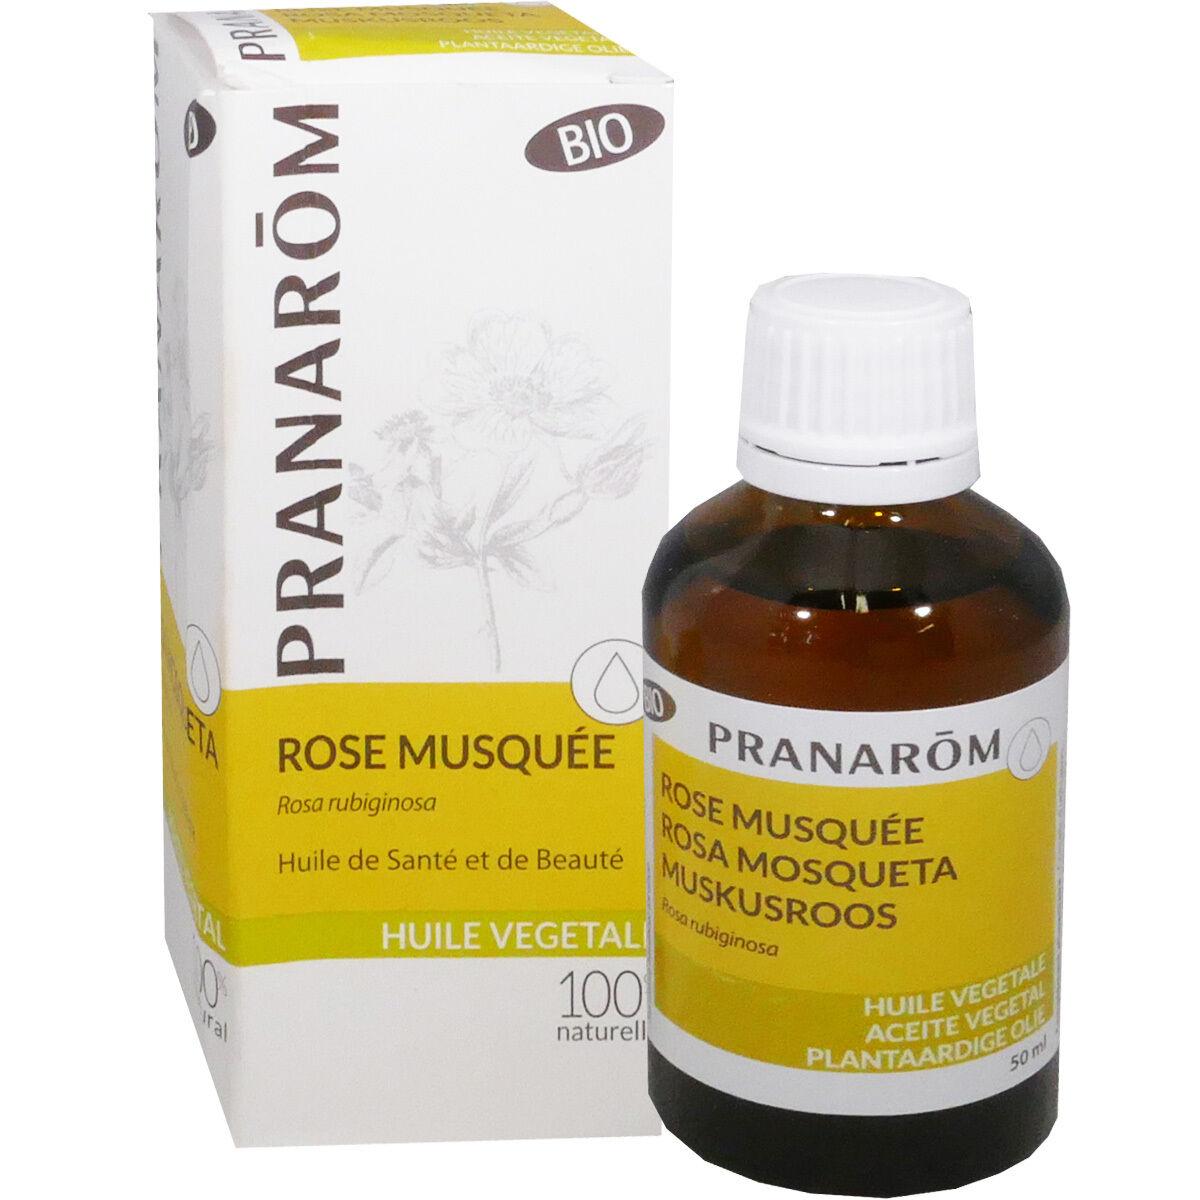 Pranarom huile sante et beaute rose musquee 50 ml